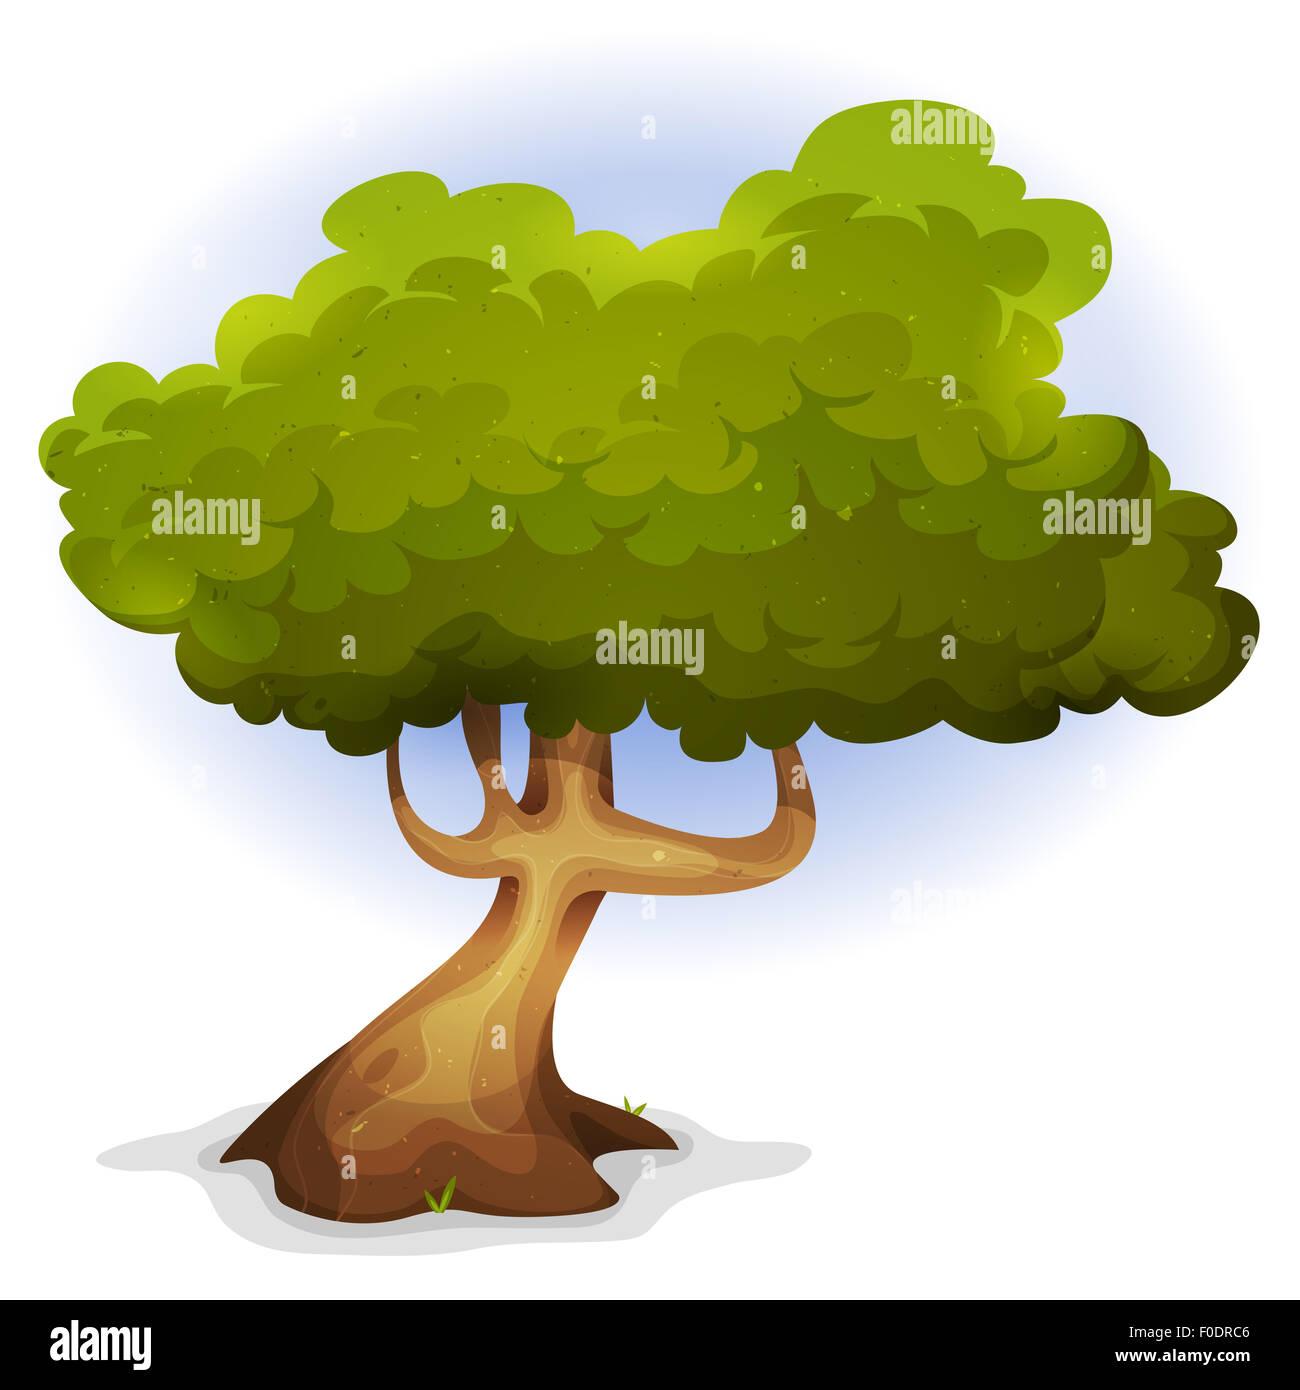 Abbildung Einer Karikatur Lustige Frühling Oder Sommer Märchen Baum